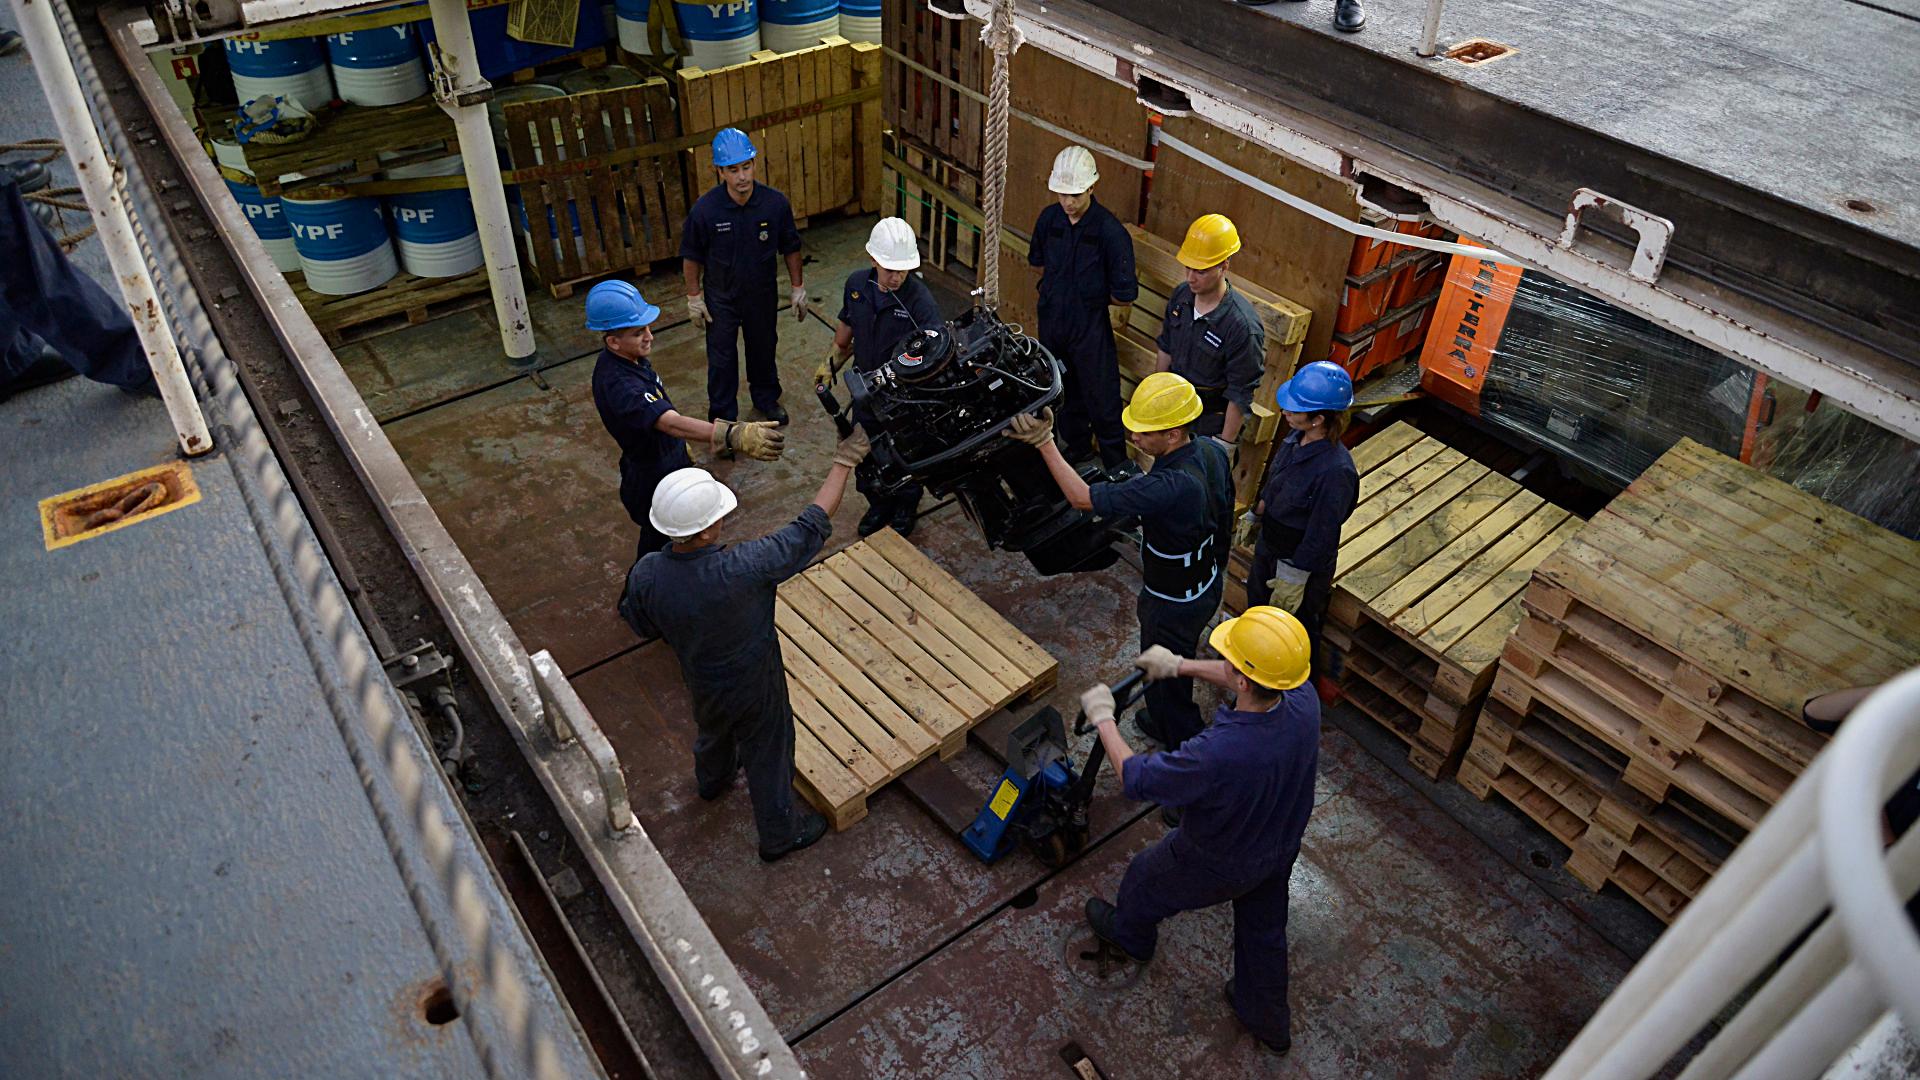 Tripulantes trabajando en las bodegas del buque